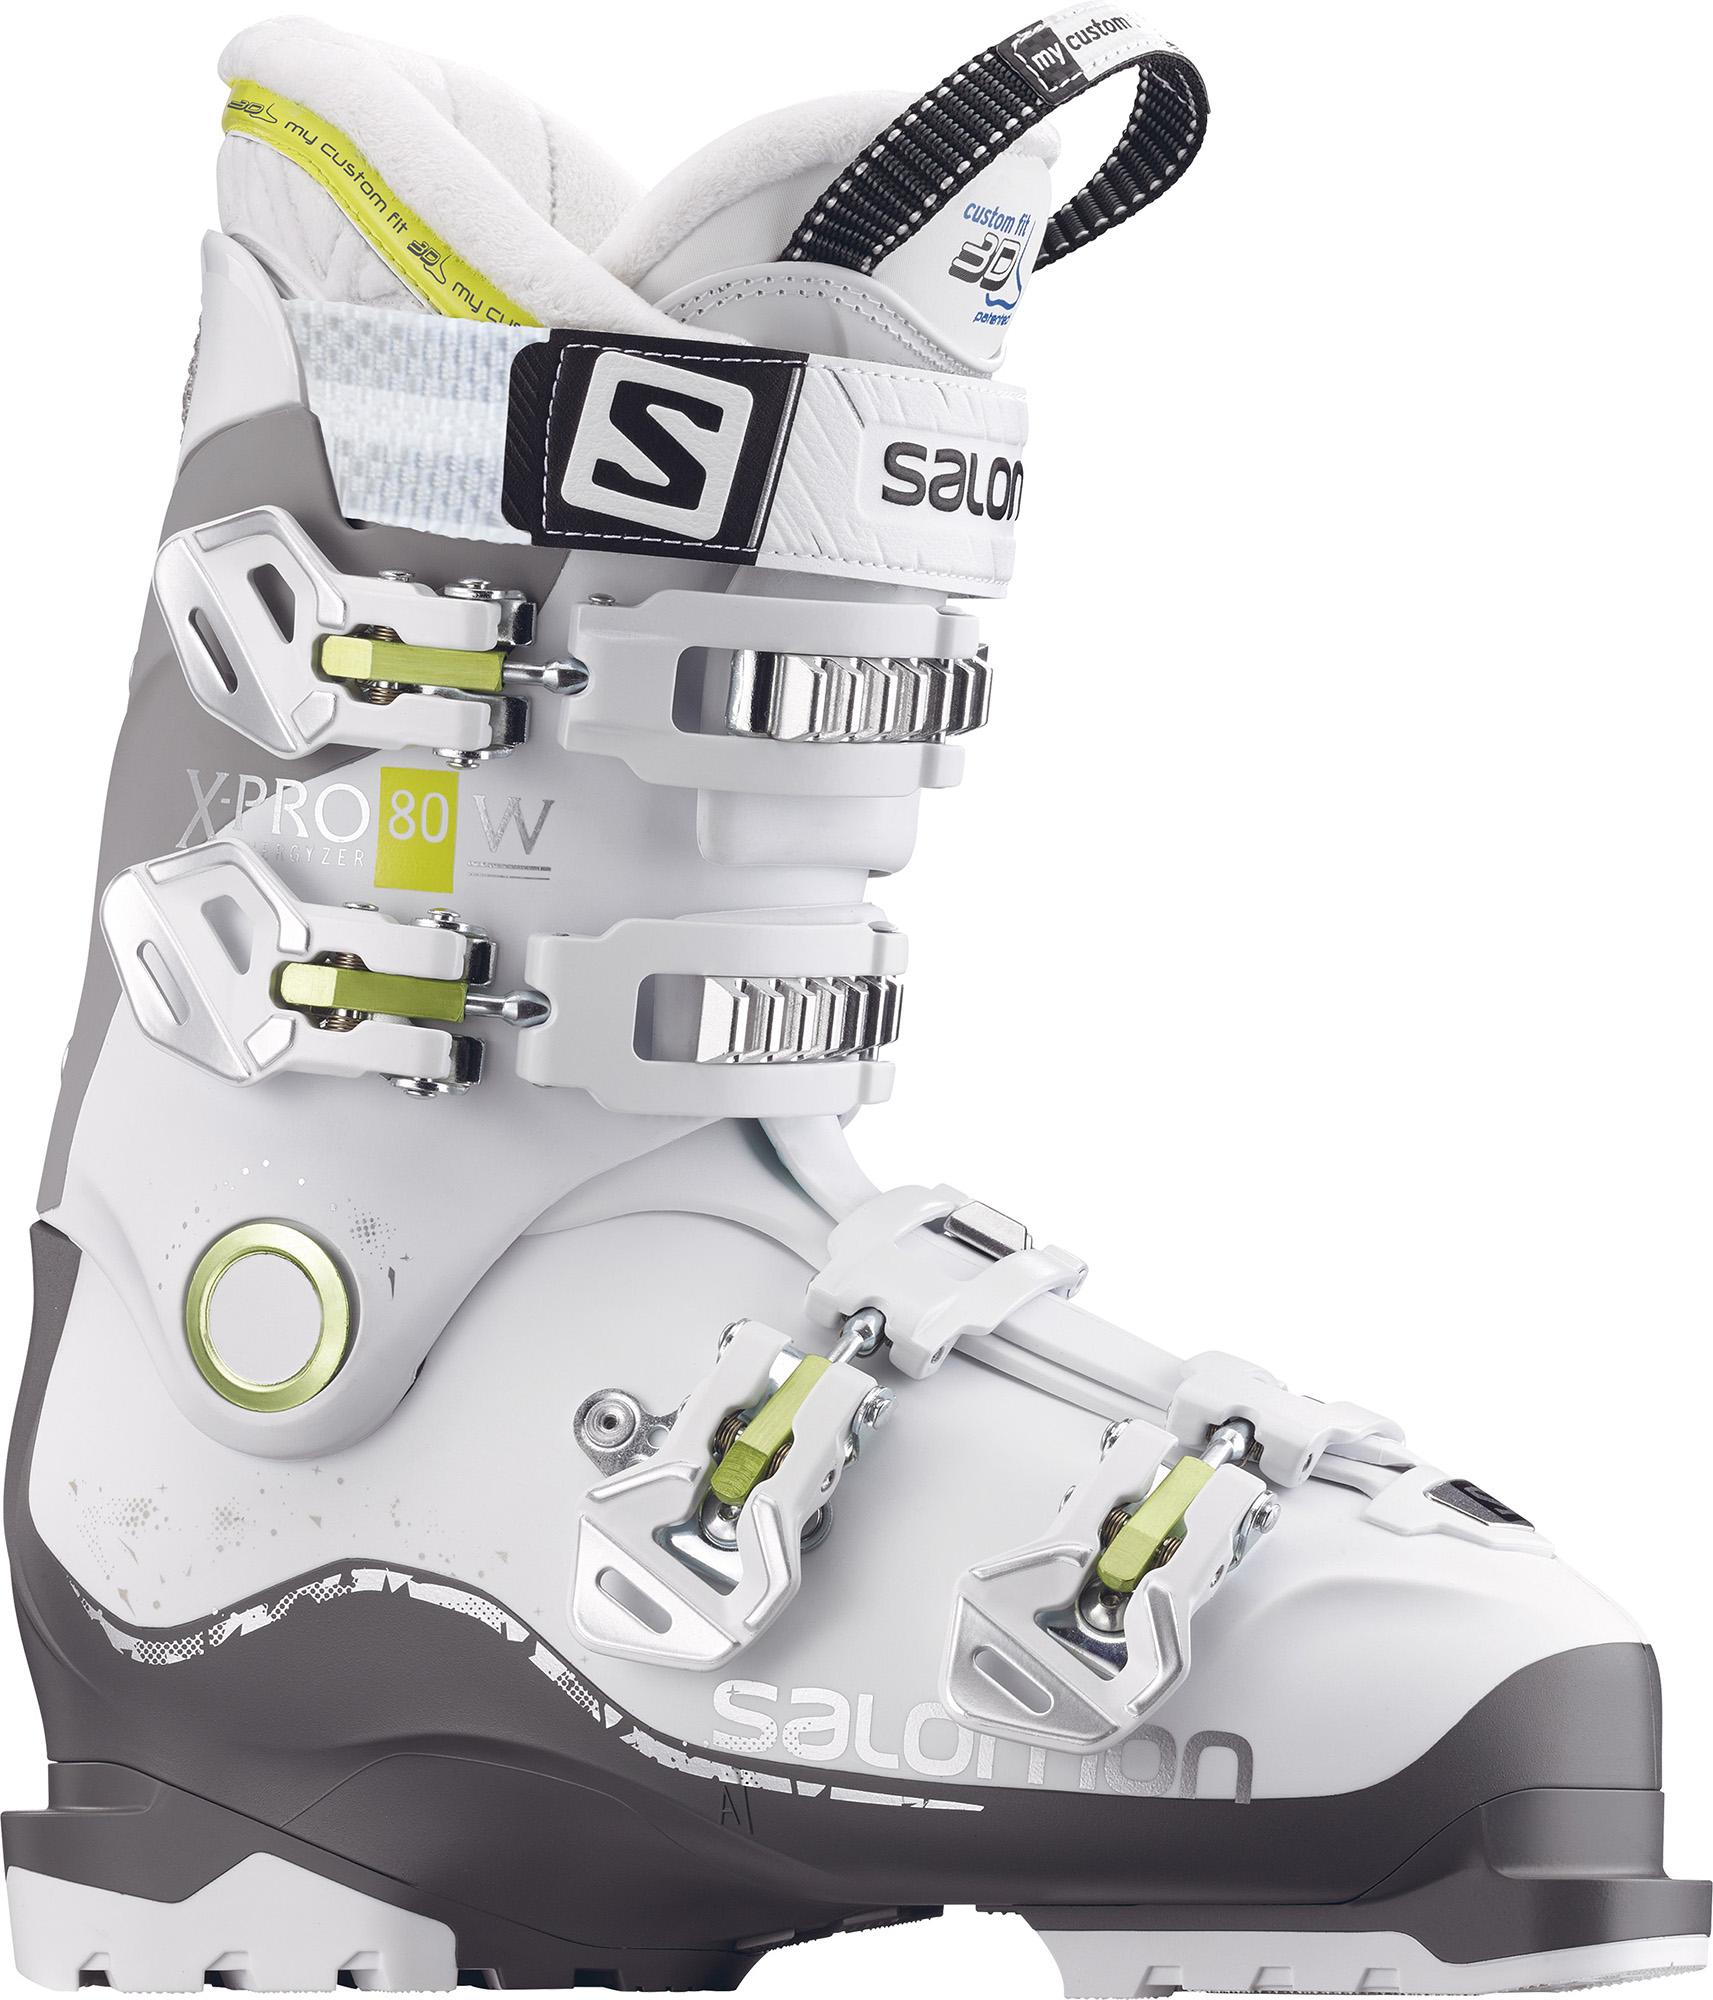 где купить Ботинки Salomon Ботинки горнолыжные женские Salomon X Pro 80, размер 39 по лучшей цене